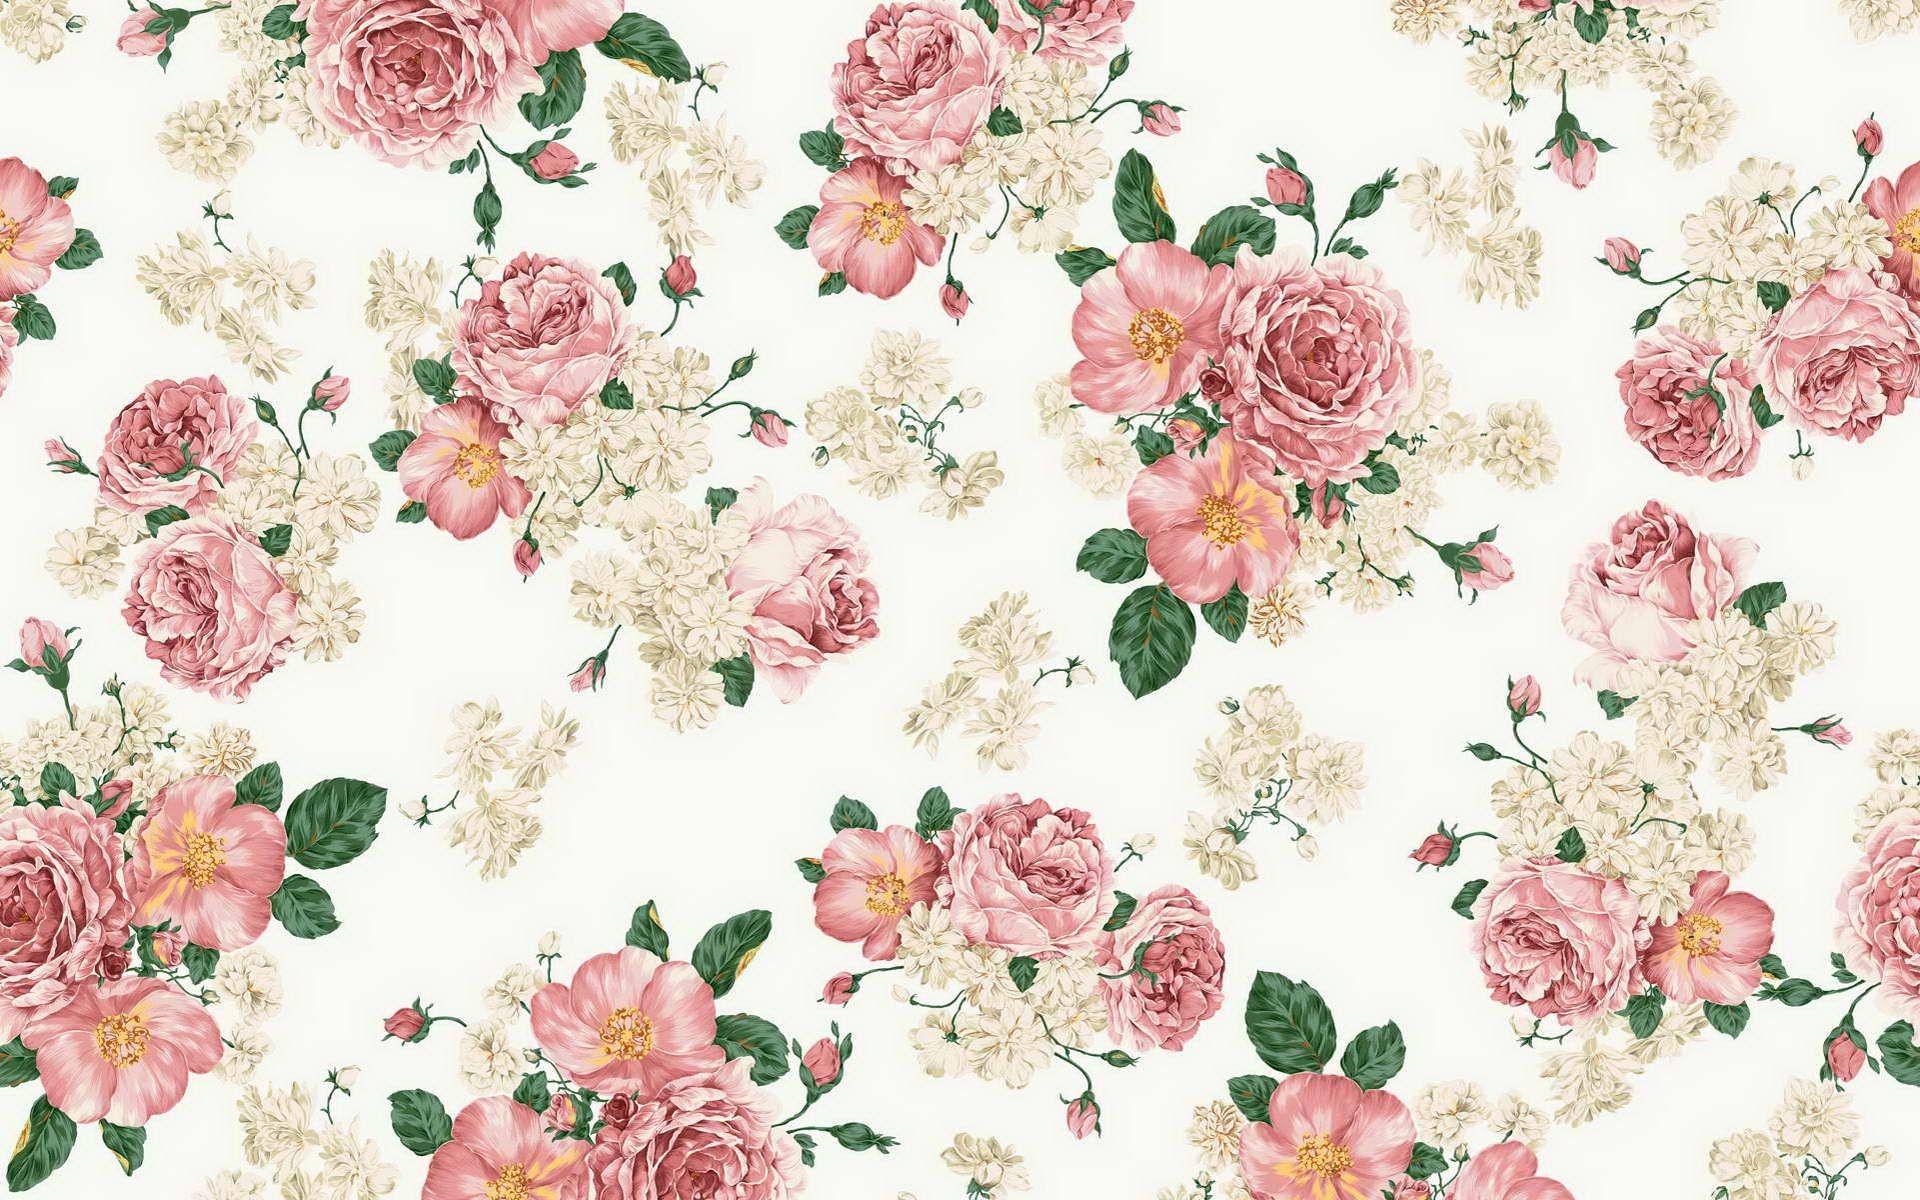 wallpaper patterns desktop floral flowers images 1920x1200 1920x1200